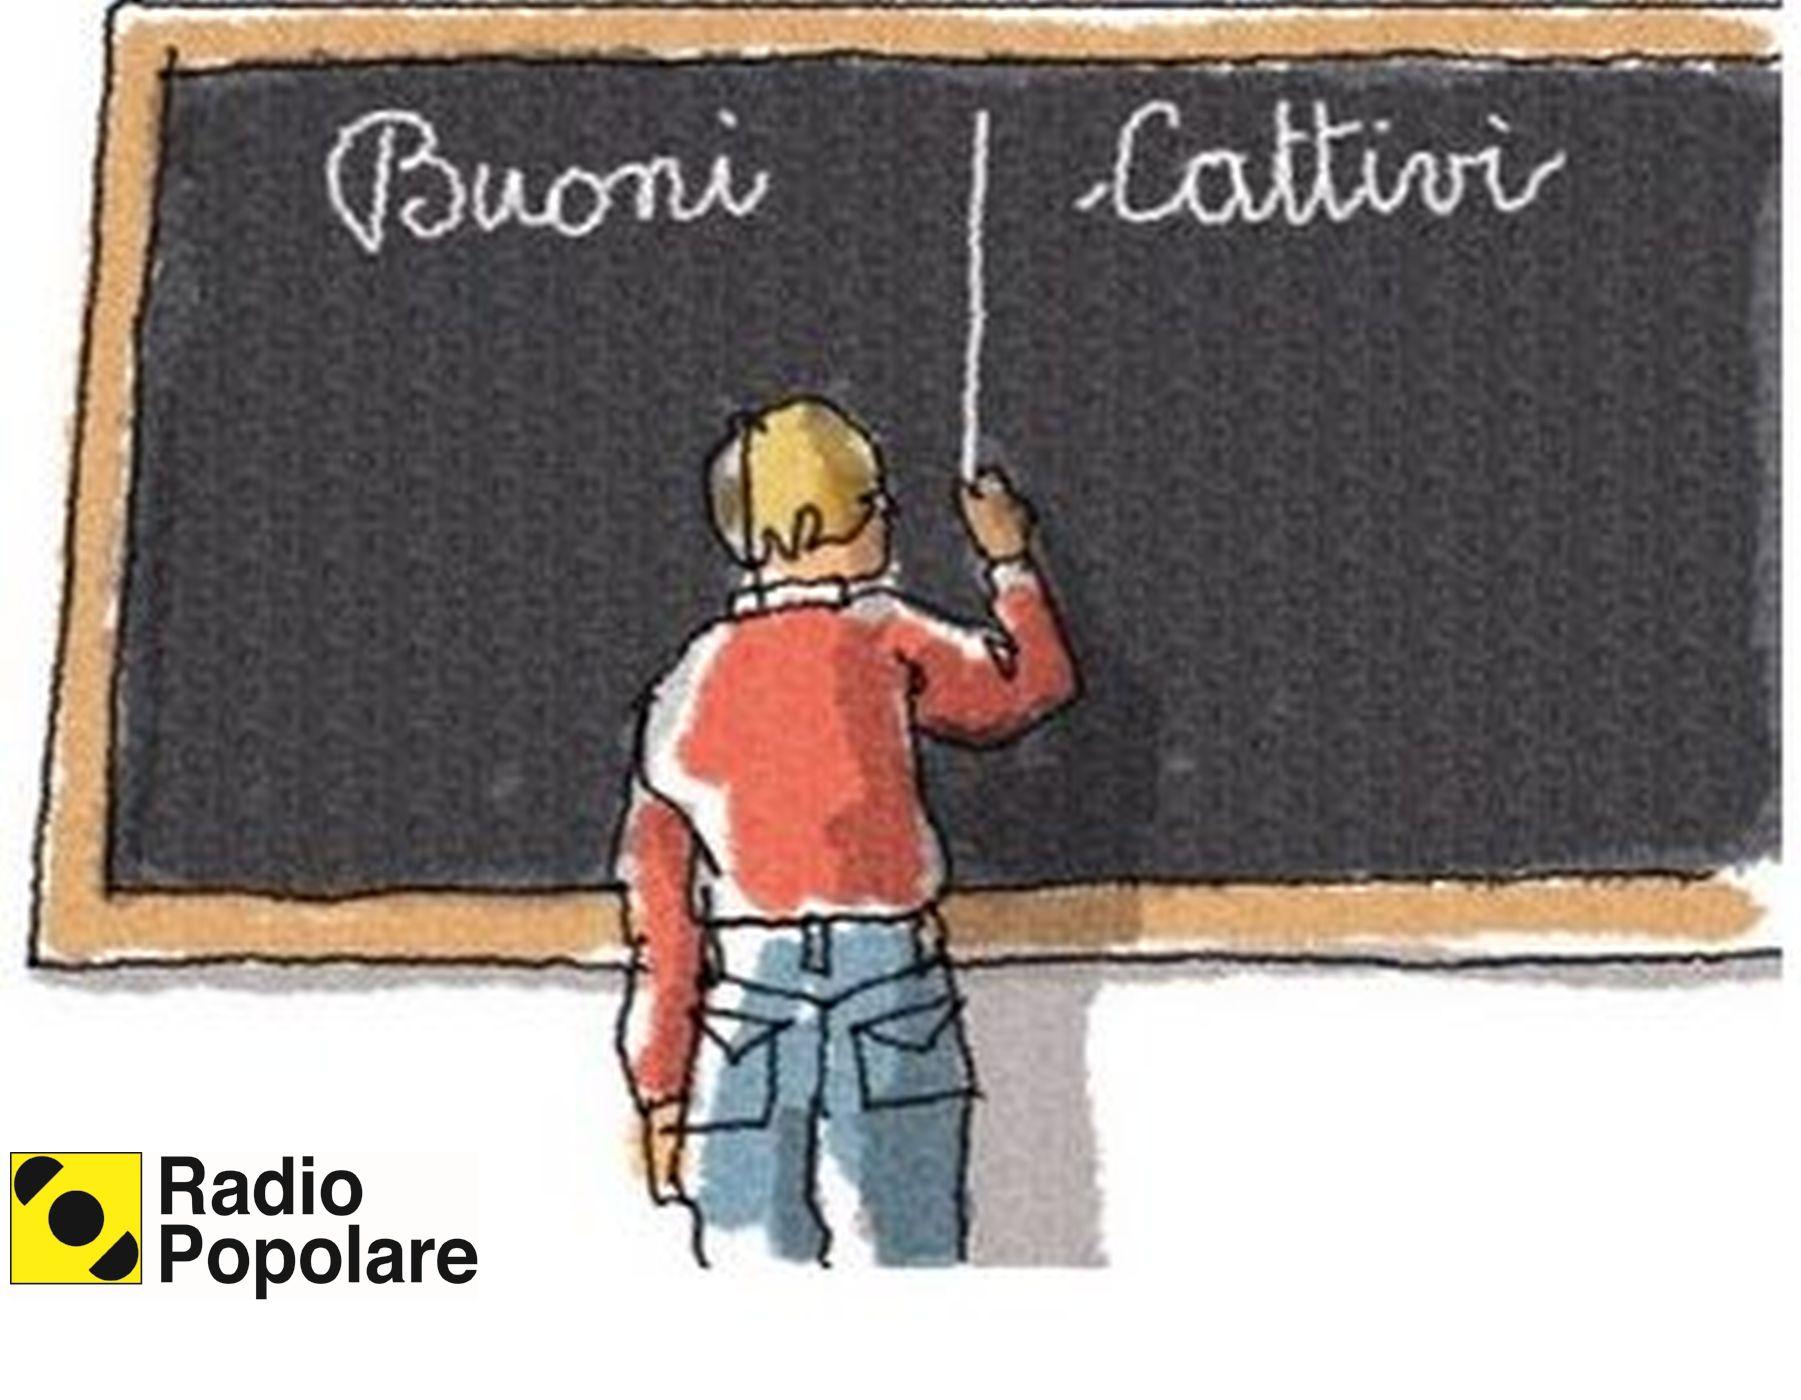 Buoni o cattivi - Radio Popolare